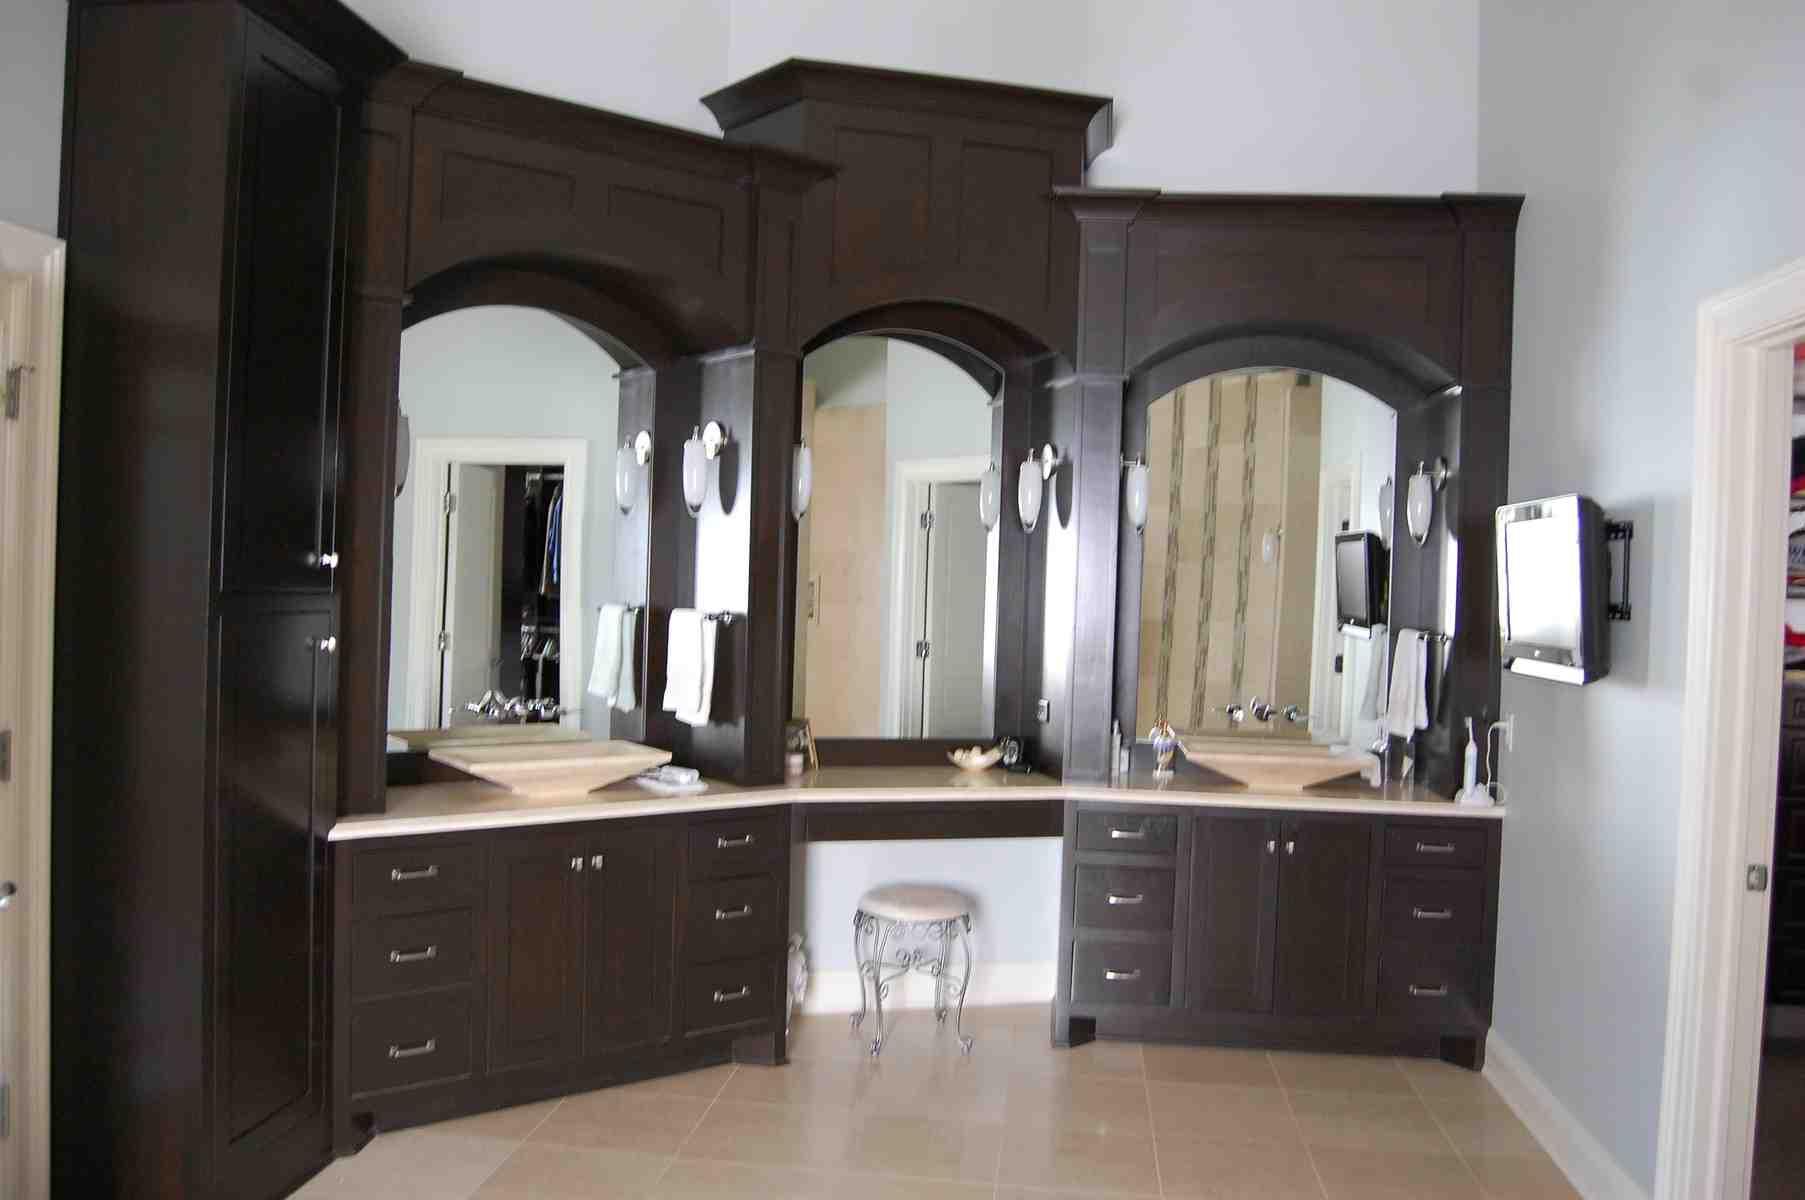 marvelous bathroom storage cabinet | Master Bathroom Cabinets - Home Furniture Design